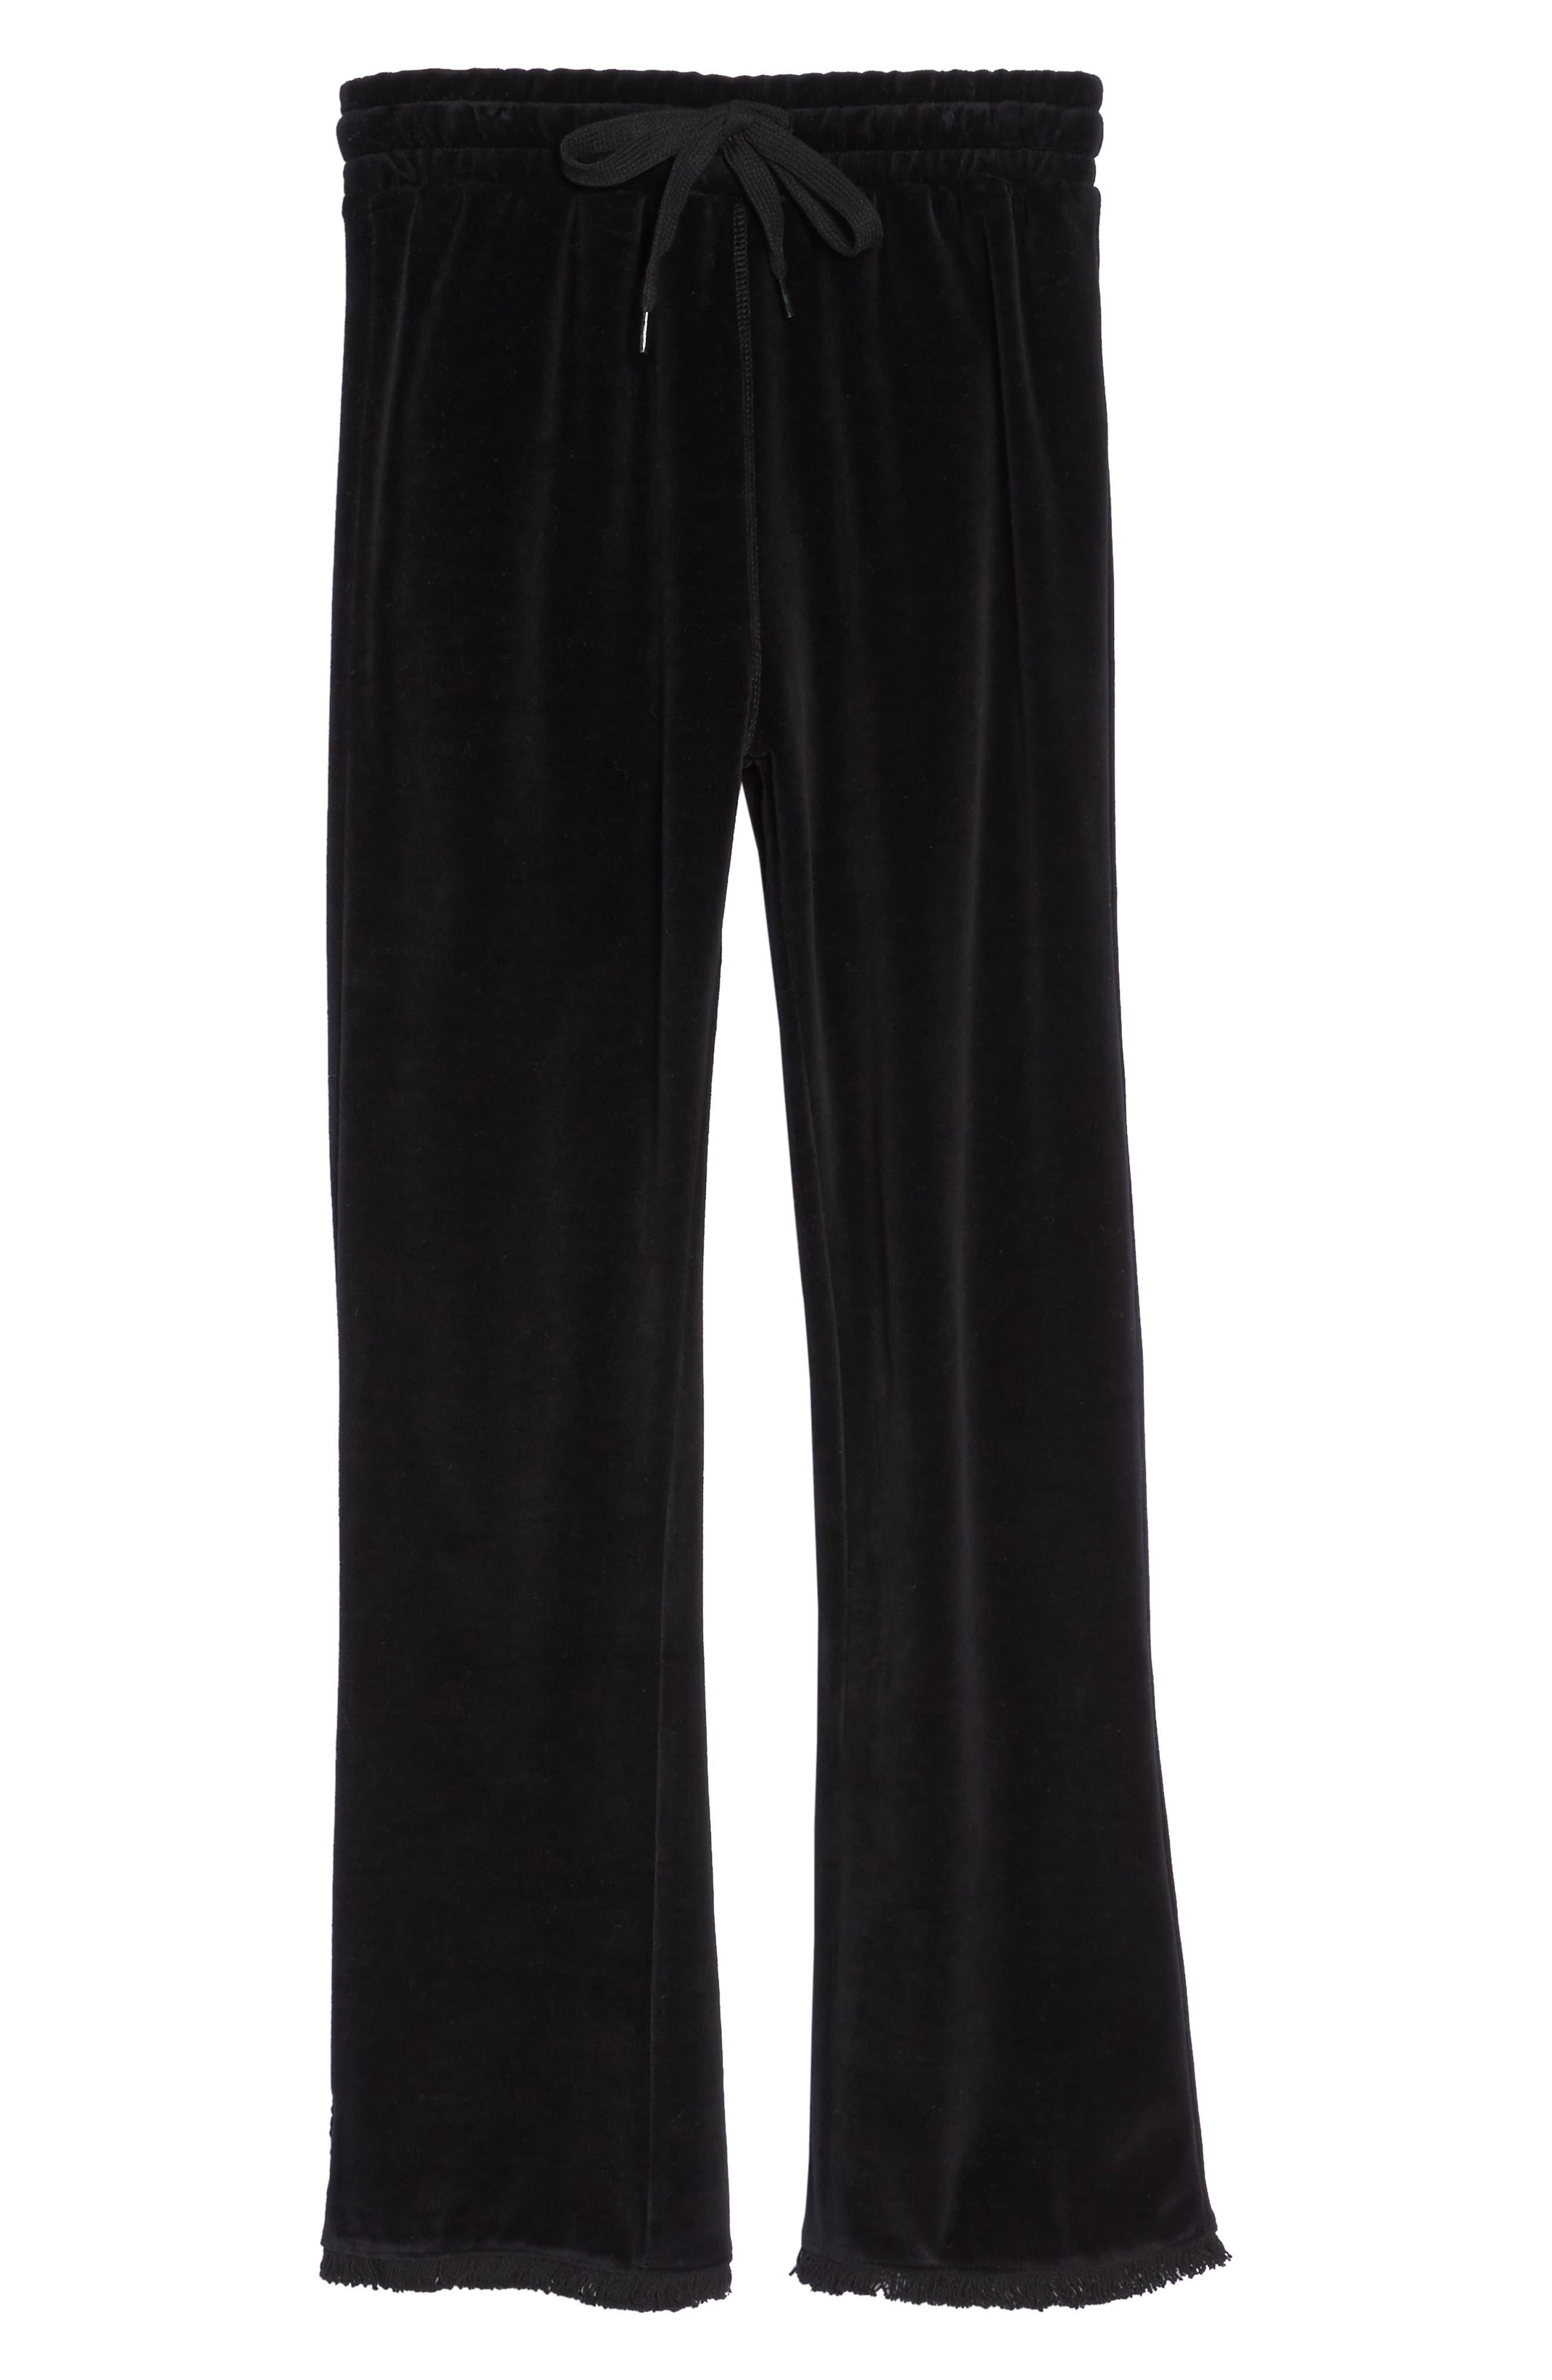 Crop Velour Lounge Pants,                             Alternate thumbnail 6, color,                             Black